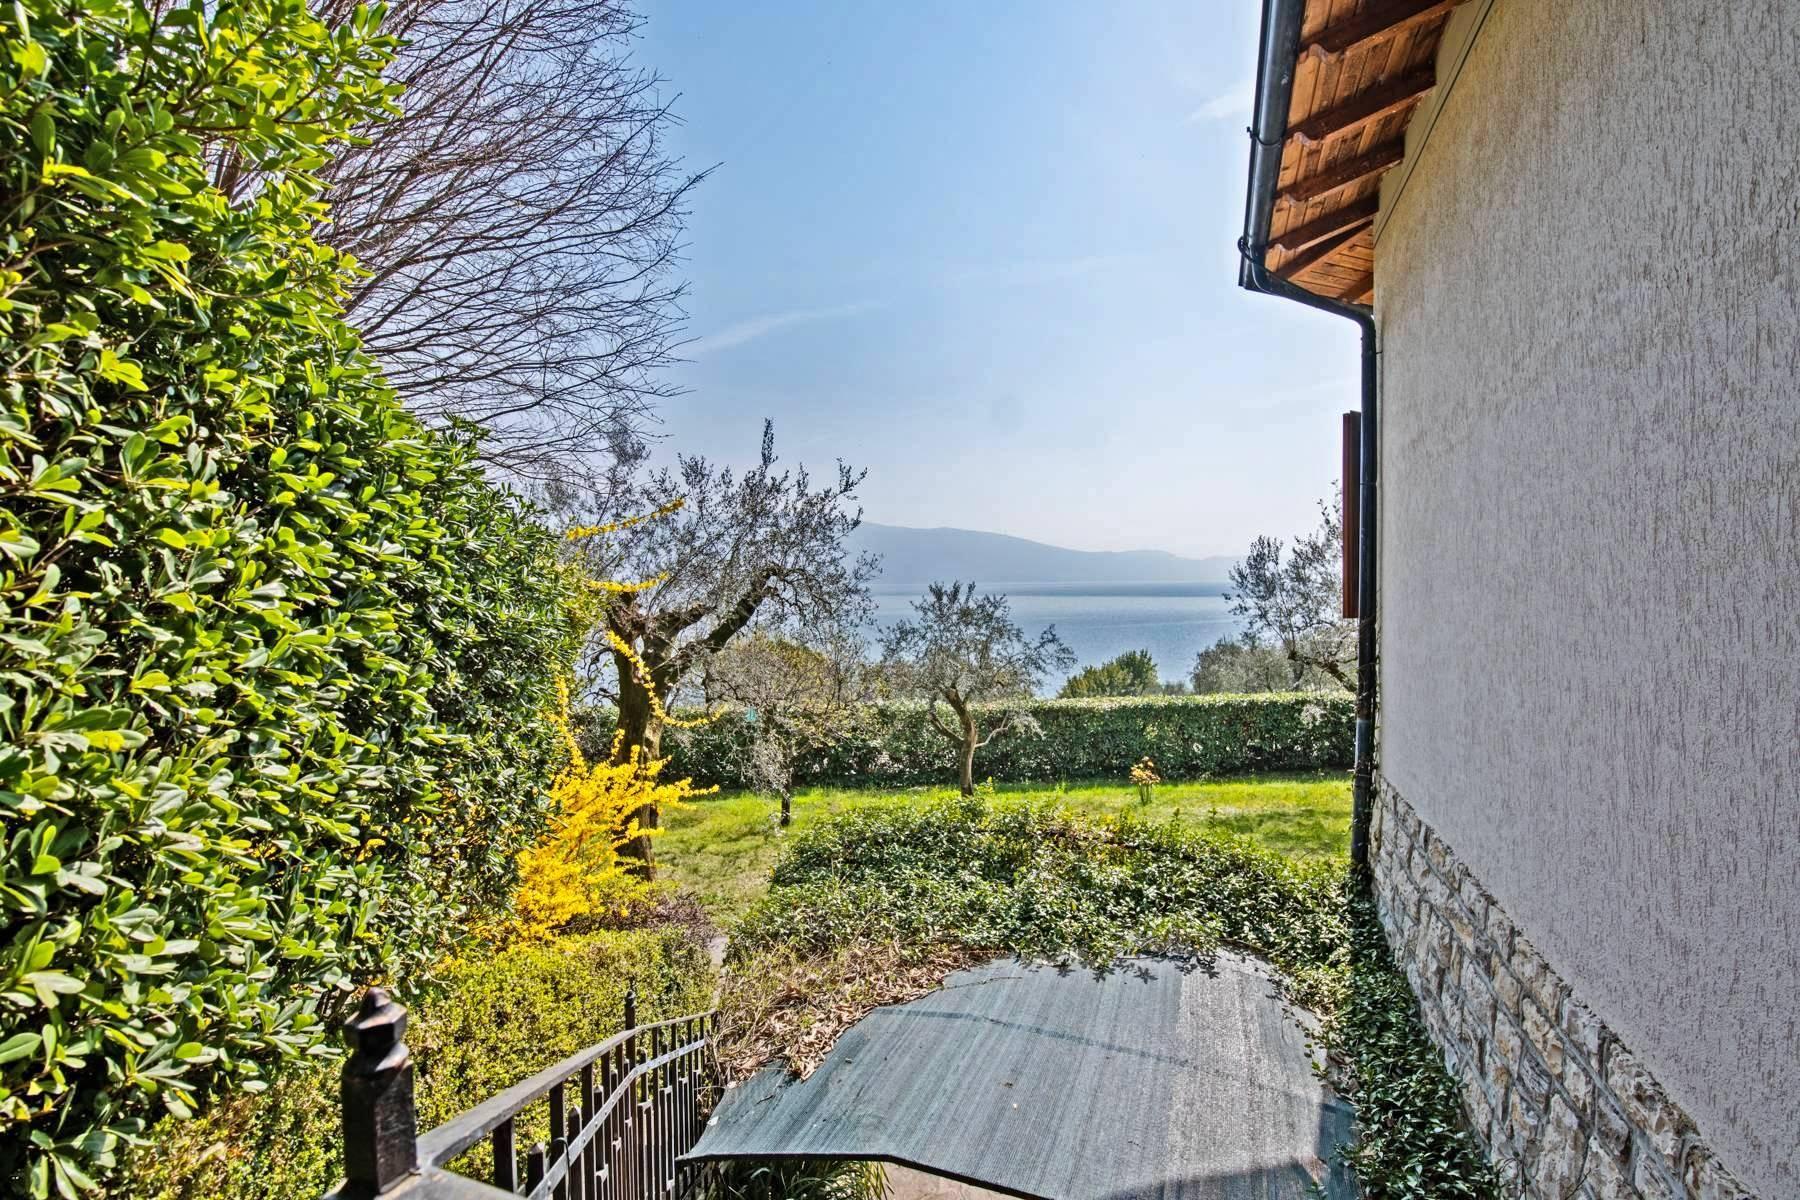 Villa in Gargnano inmitten der Olivenbäume vom Gardasee mit herrlichem Seeblick - 22